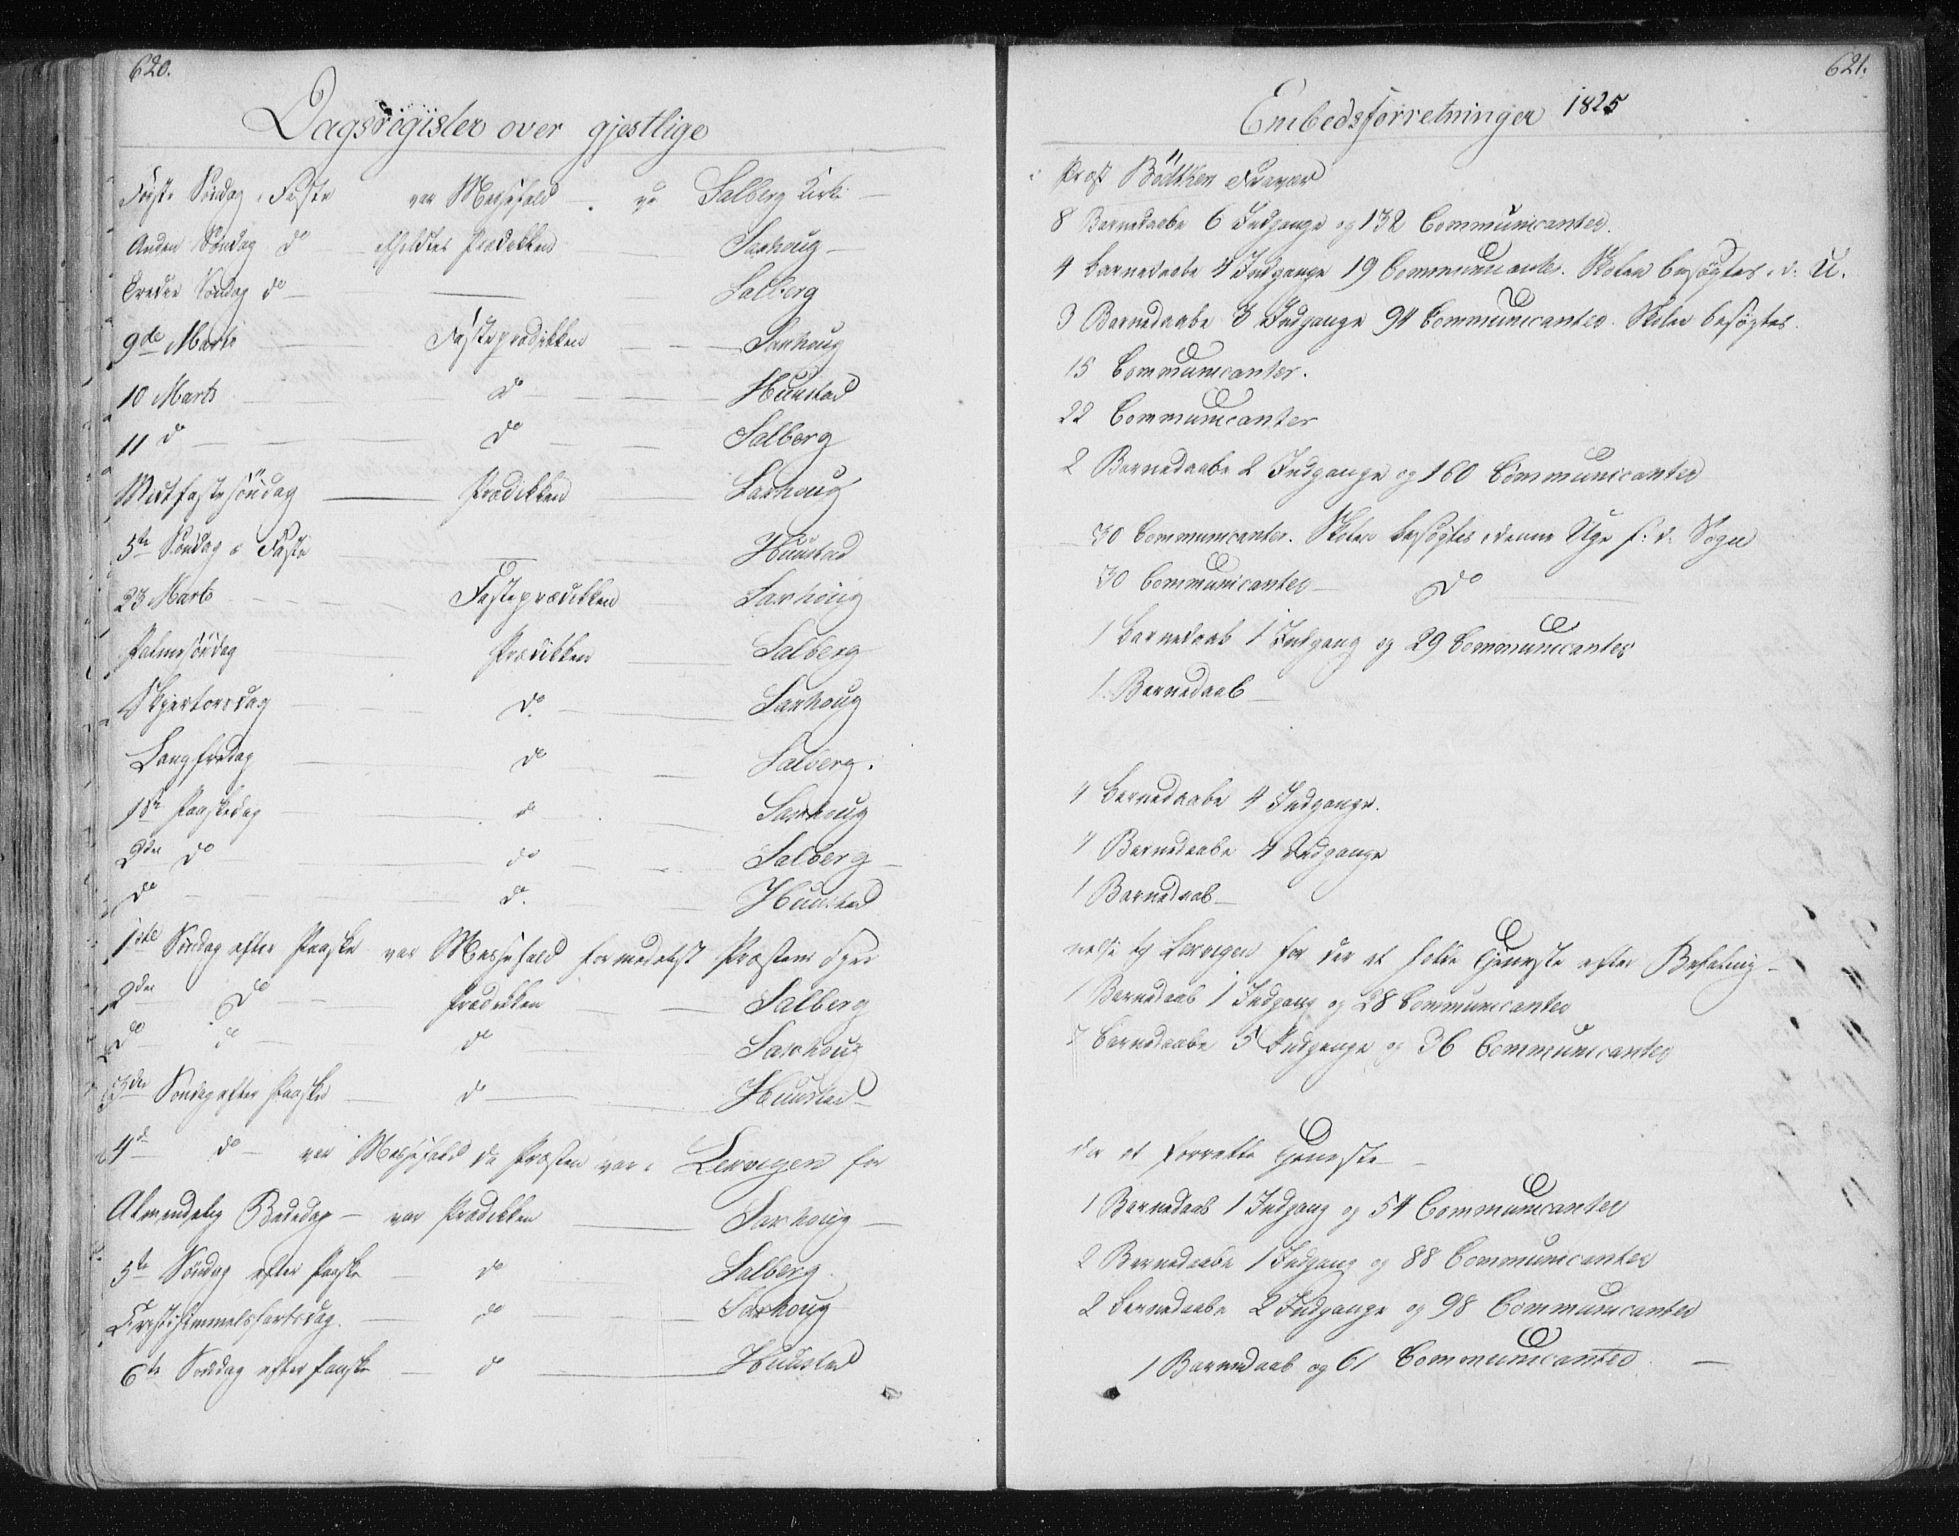 SAT, Ministerialprotokoller, klokkerbøker og fødselsregistre - Nord-Trøndelag, 730/L0276: Ministerialbok nr. 730A05, 1822-1830, s. 620-621